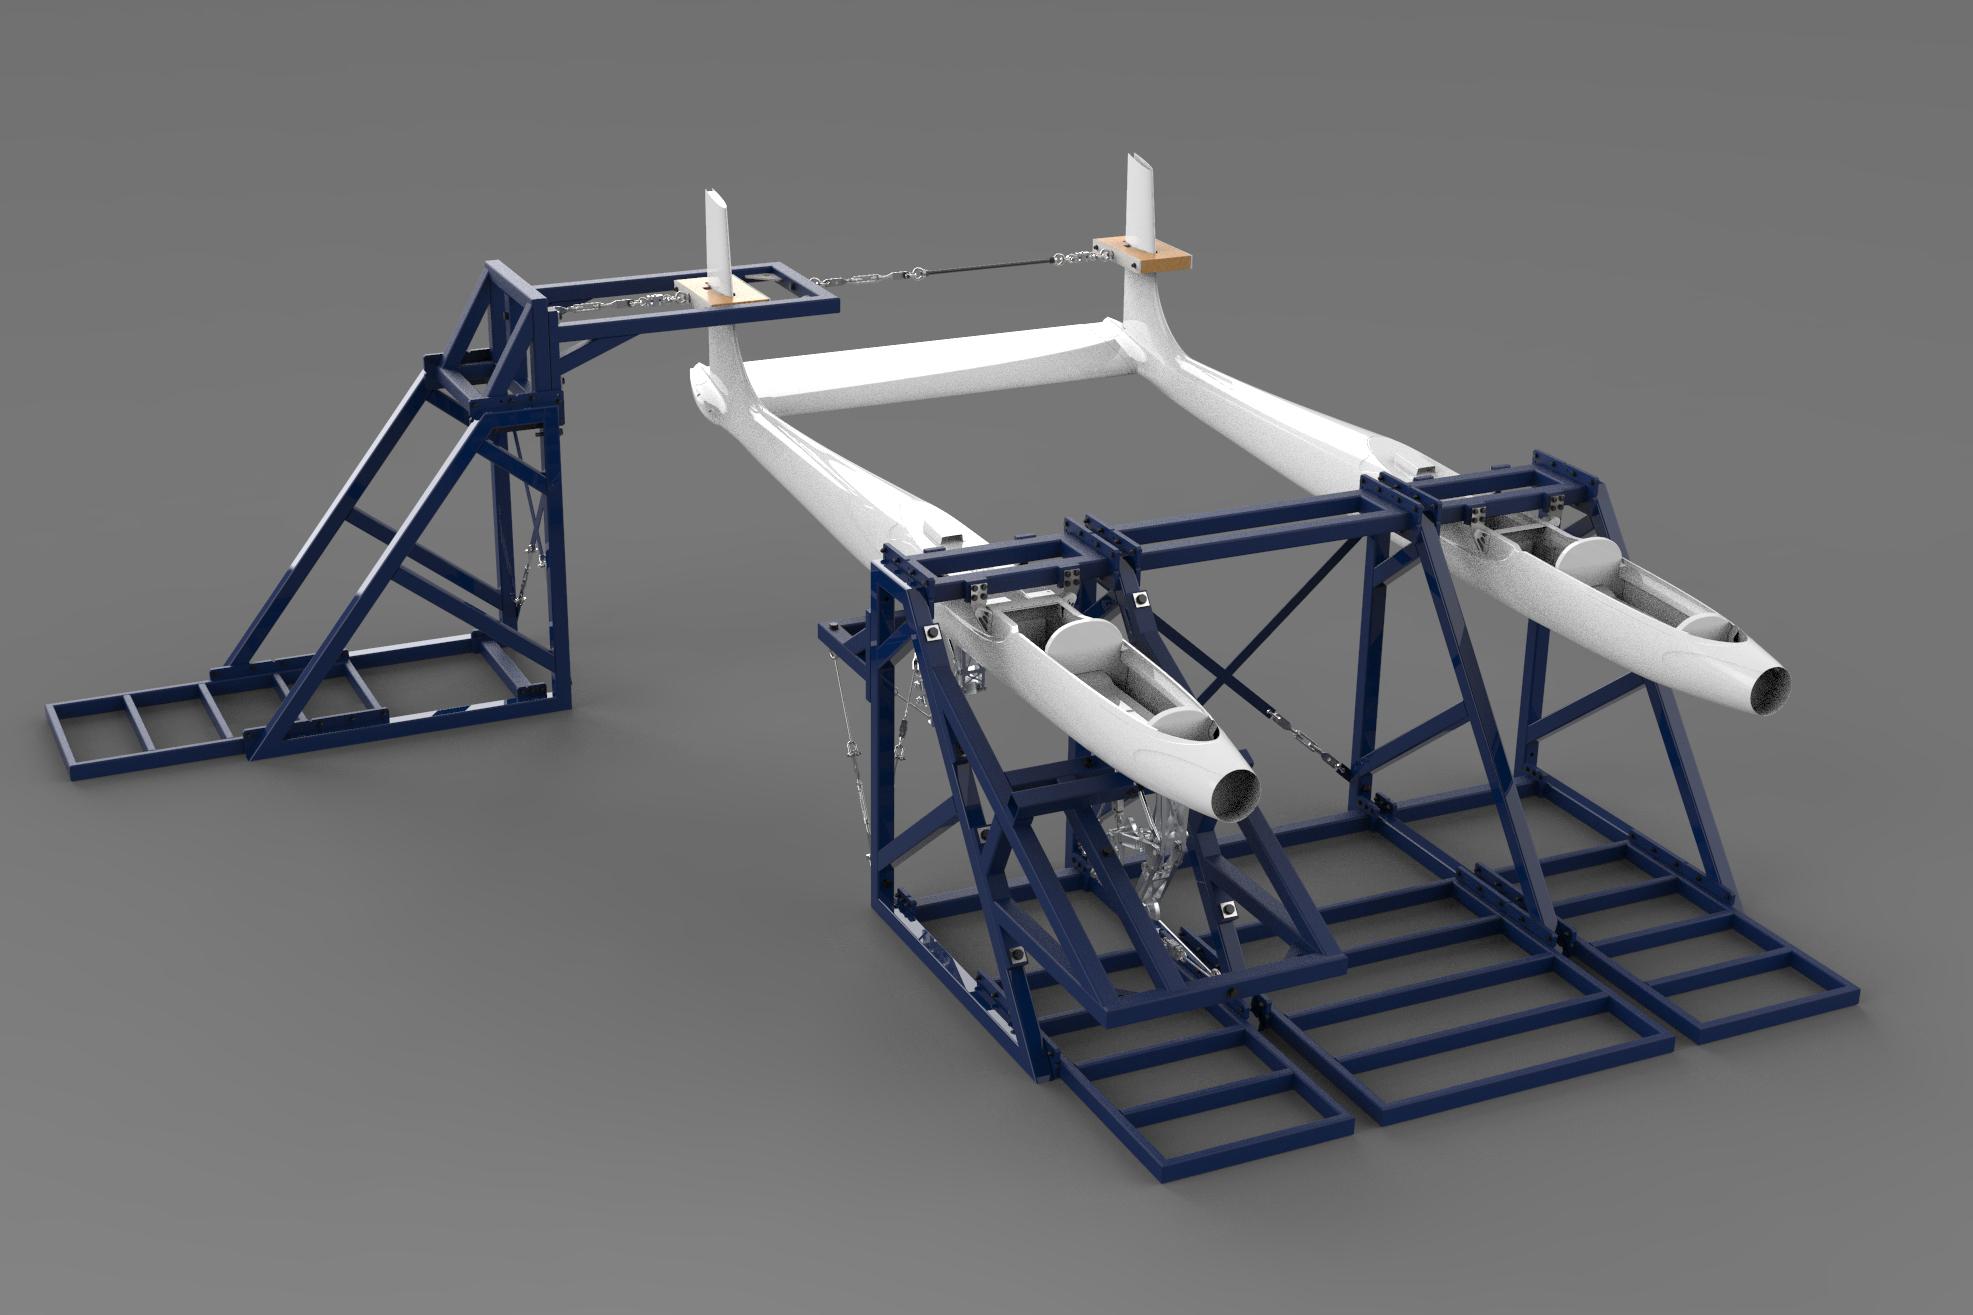 Ampyx Power – Fuselage Test Rig